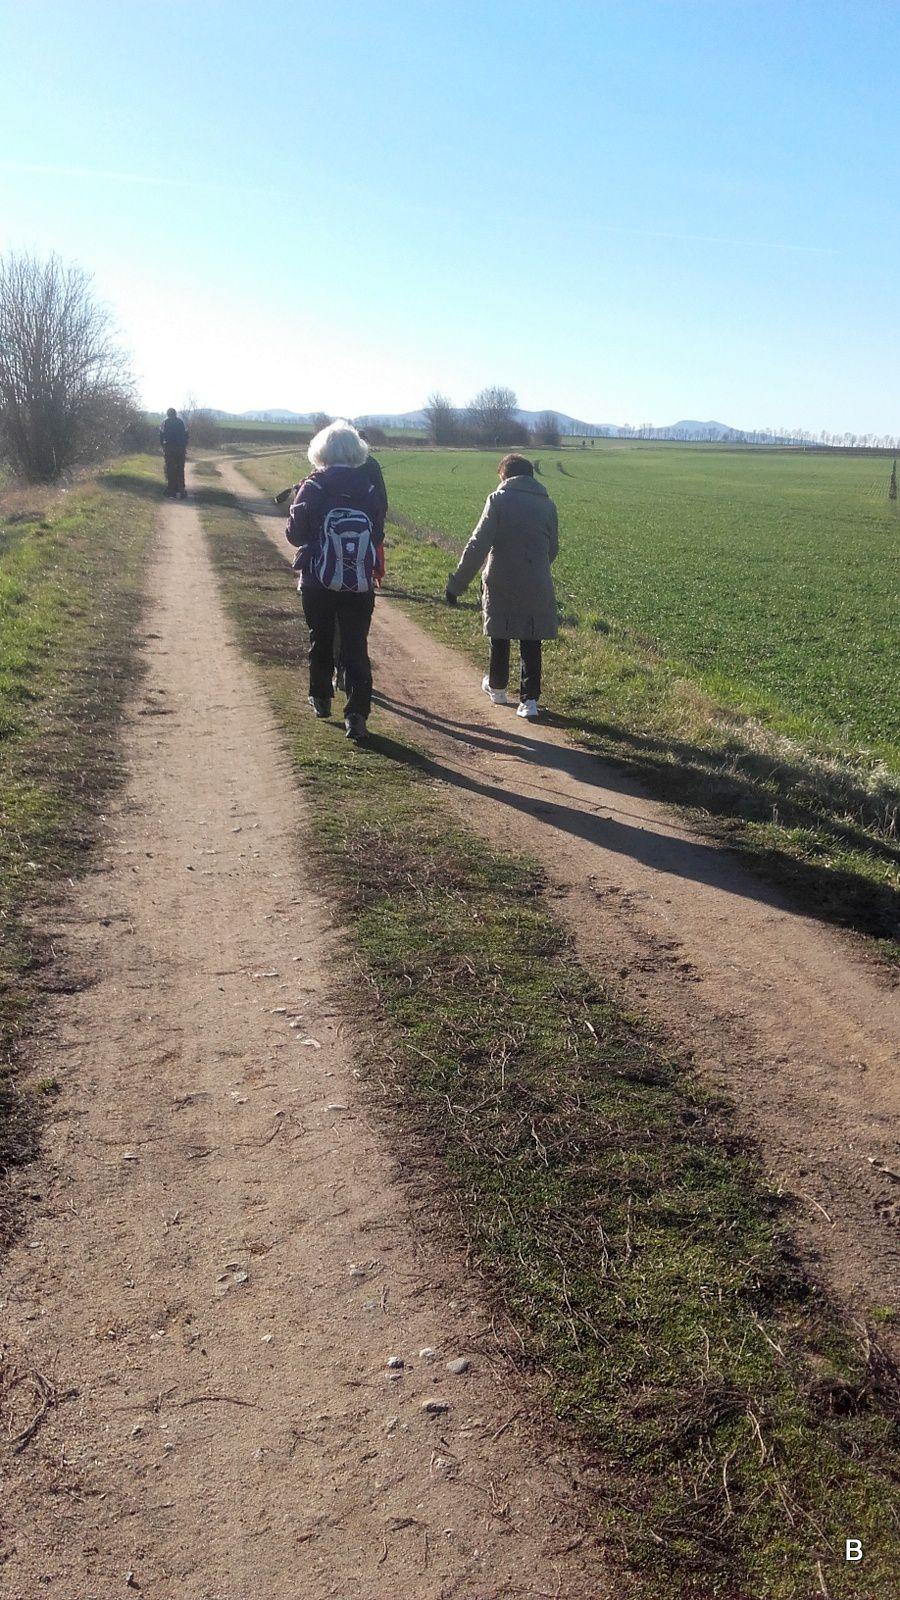 En limagne il fait un temps superbe, face au Puy-de-Dôme, Nanou en profite pour courir.